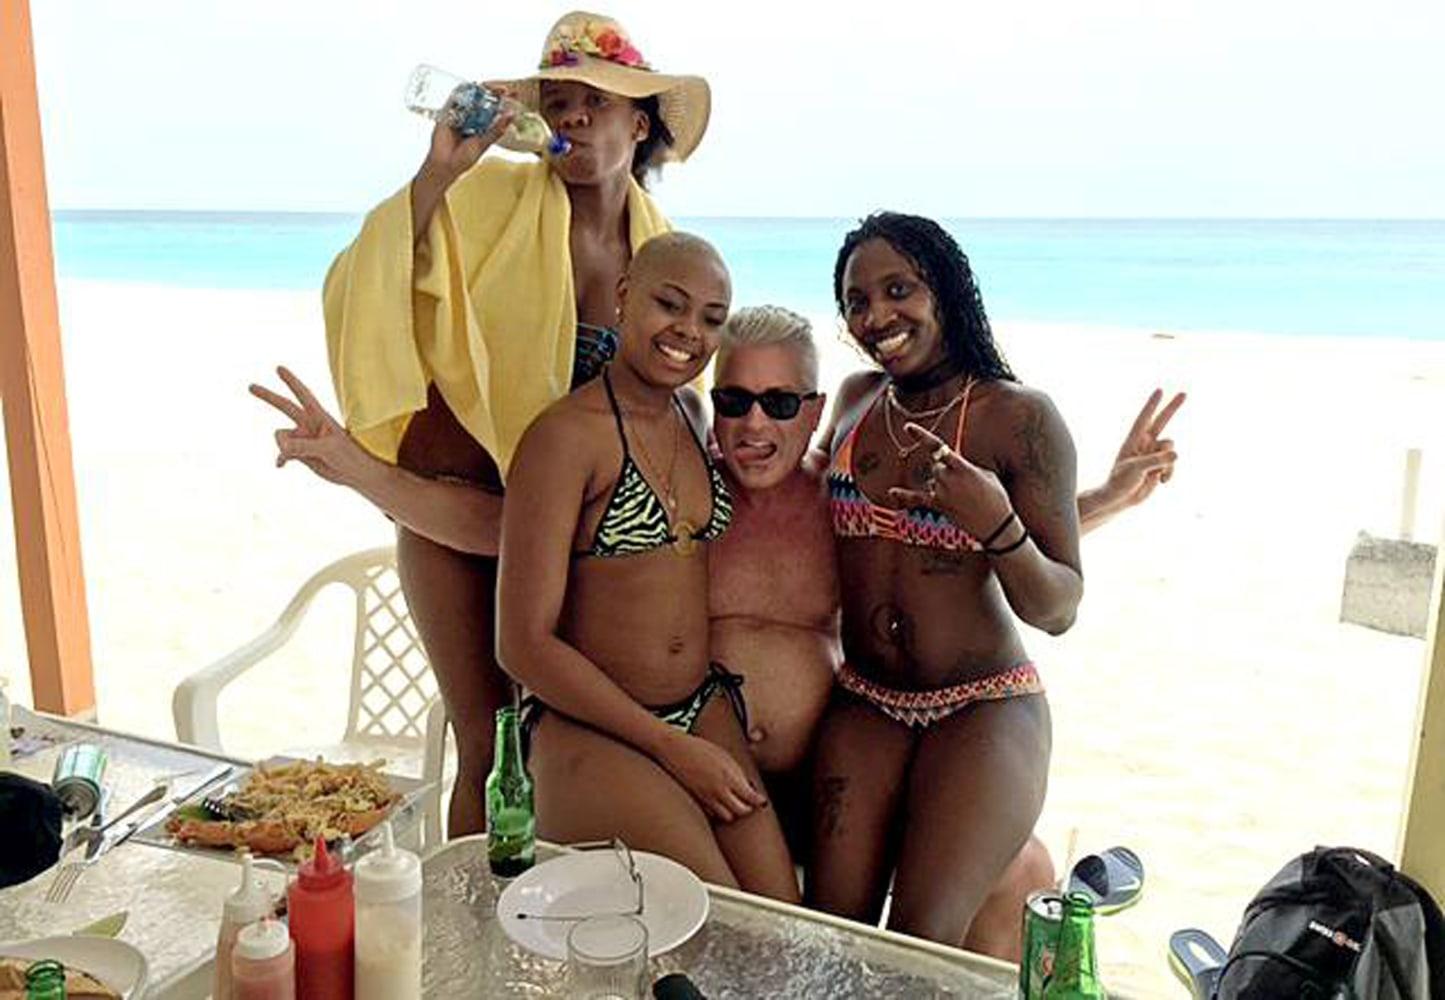 Bikinis and gambling casino hotel plaza trump